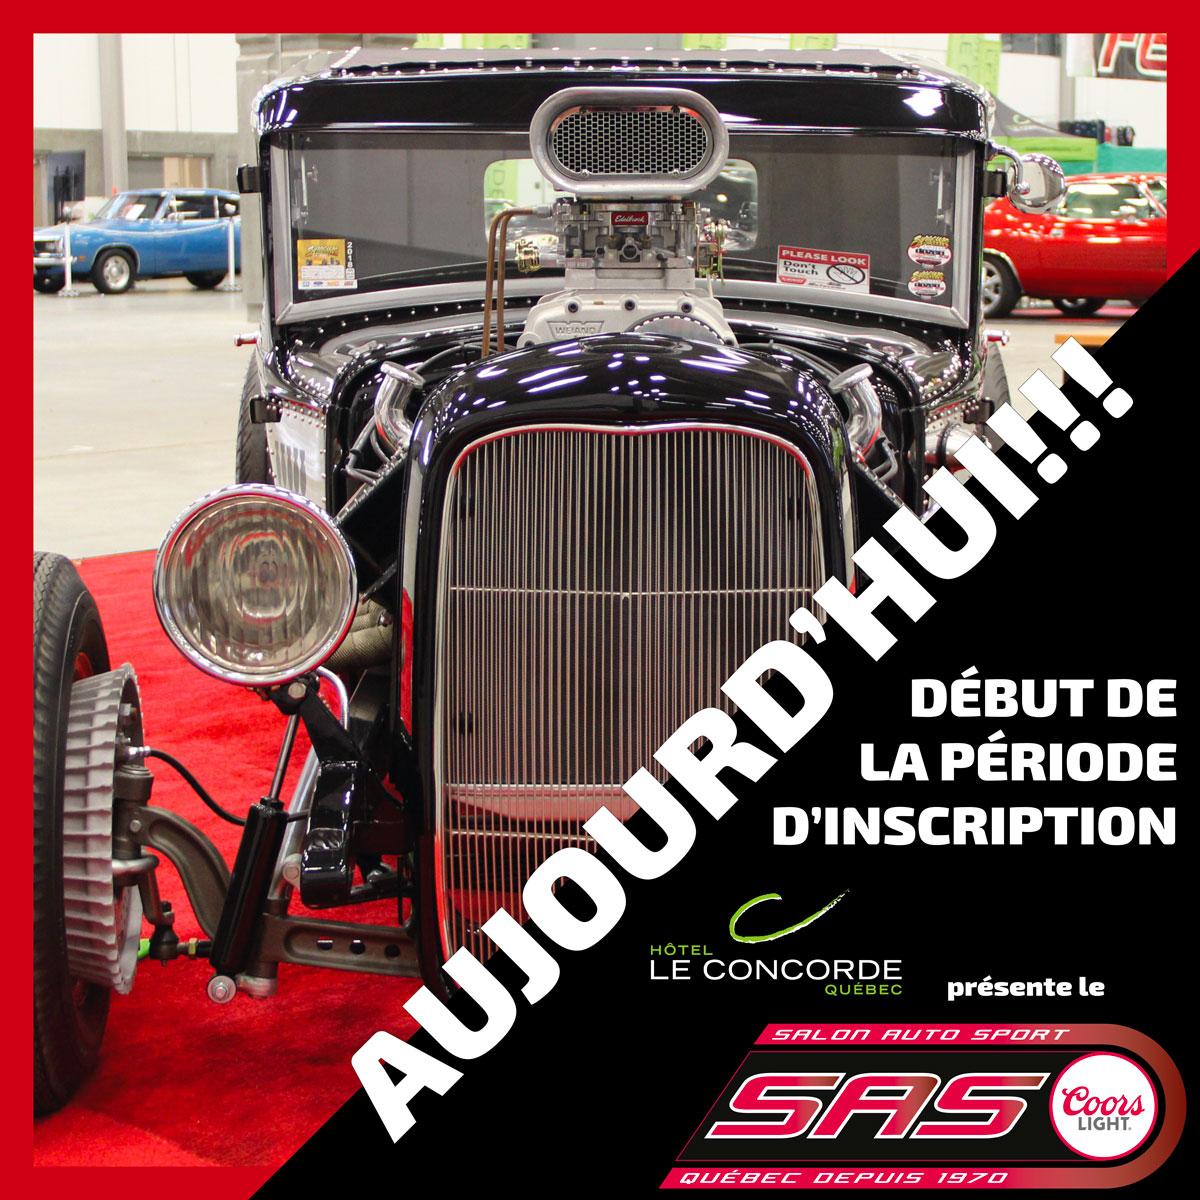 [Reporté]Les dates et couleurs du Salon Auto Sport de Québec dévoilés 0d675b2e-19fd-4340-8598-0eaf44053d41